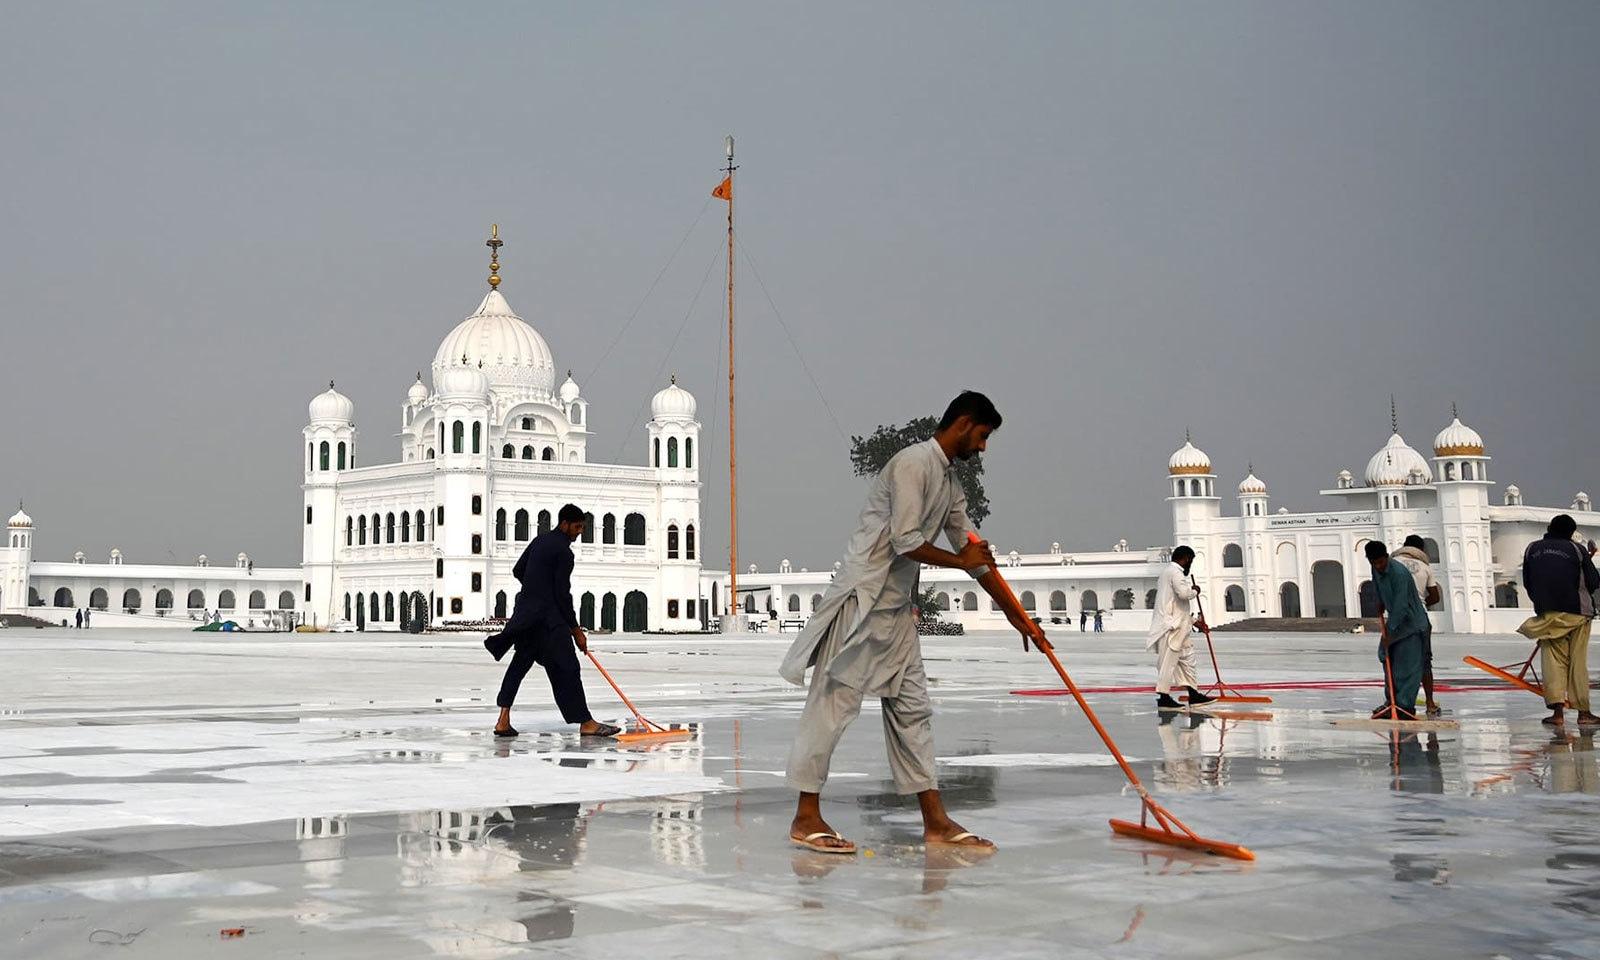 مزدور گوردوارہ دربار صاحب کا فرش چمکانے میں مصروف ہیں — فوٹو: اے ایف پی